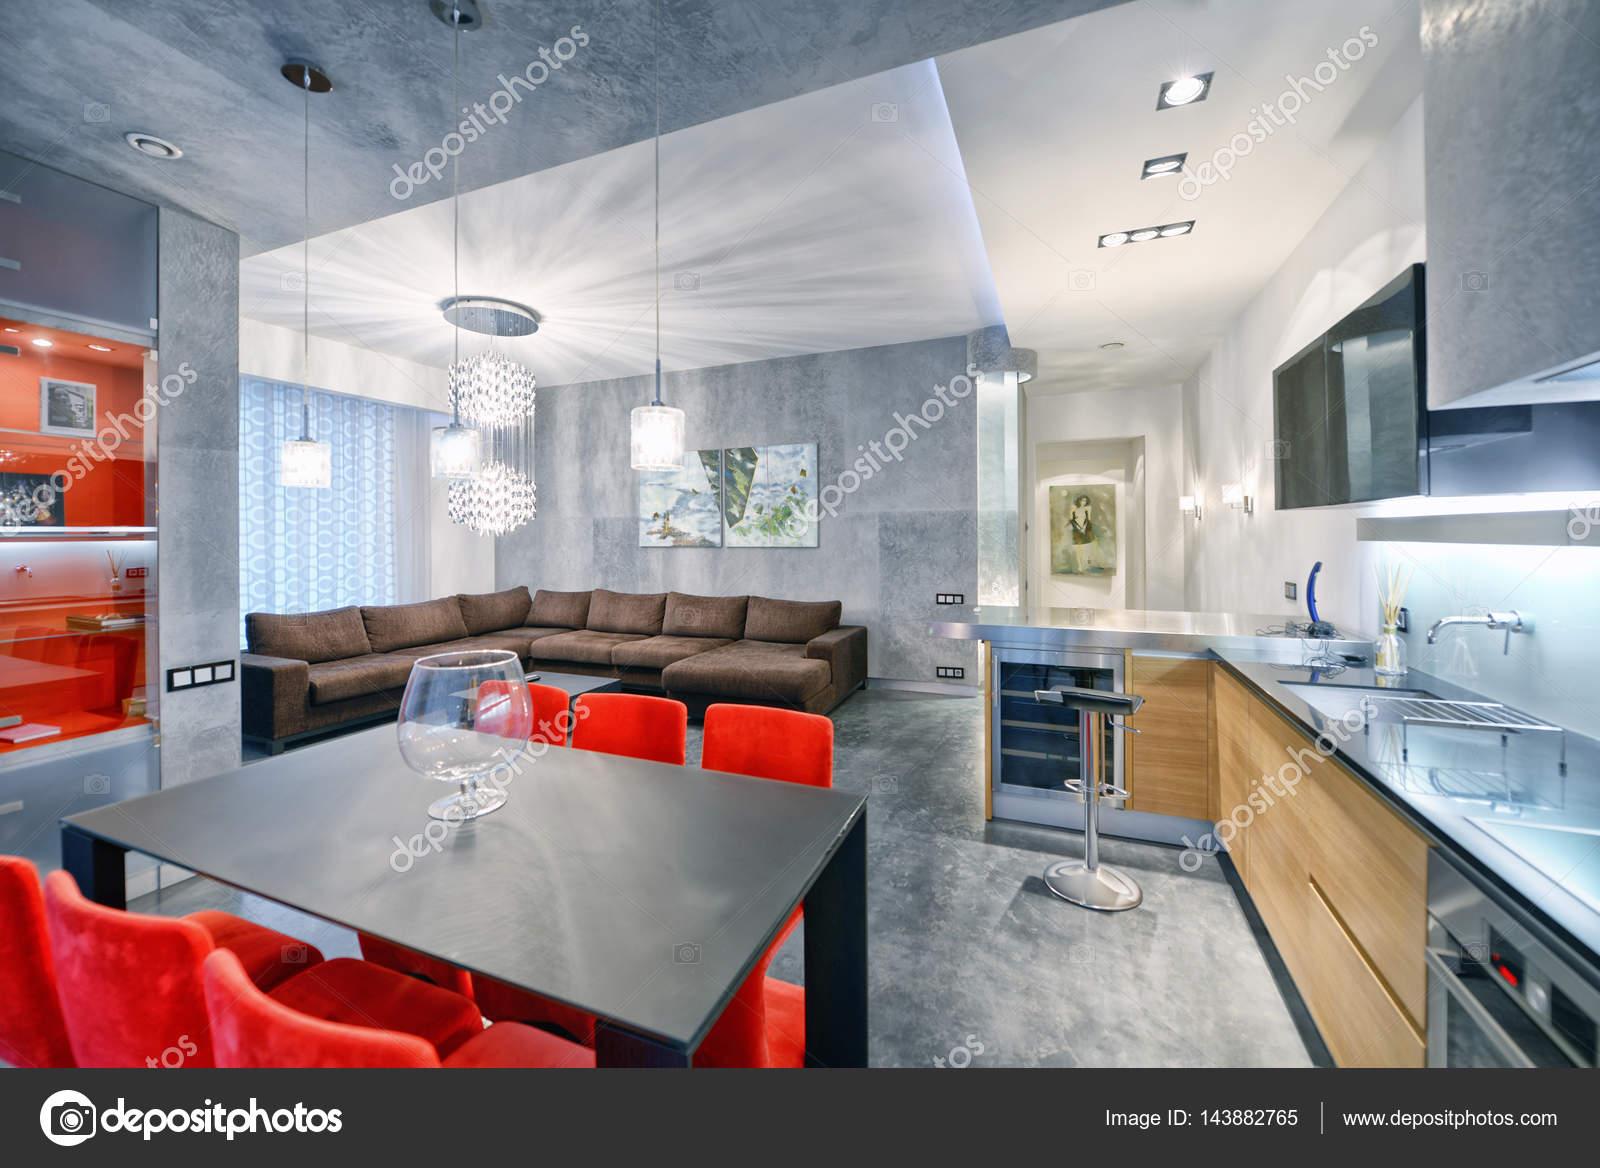 Home Design Keukens : Interieur design keuken woonkamer in luxe nieuw appartement